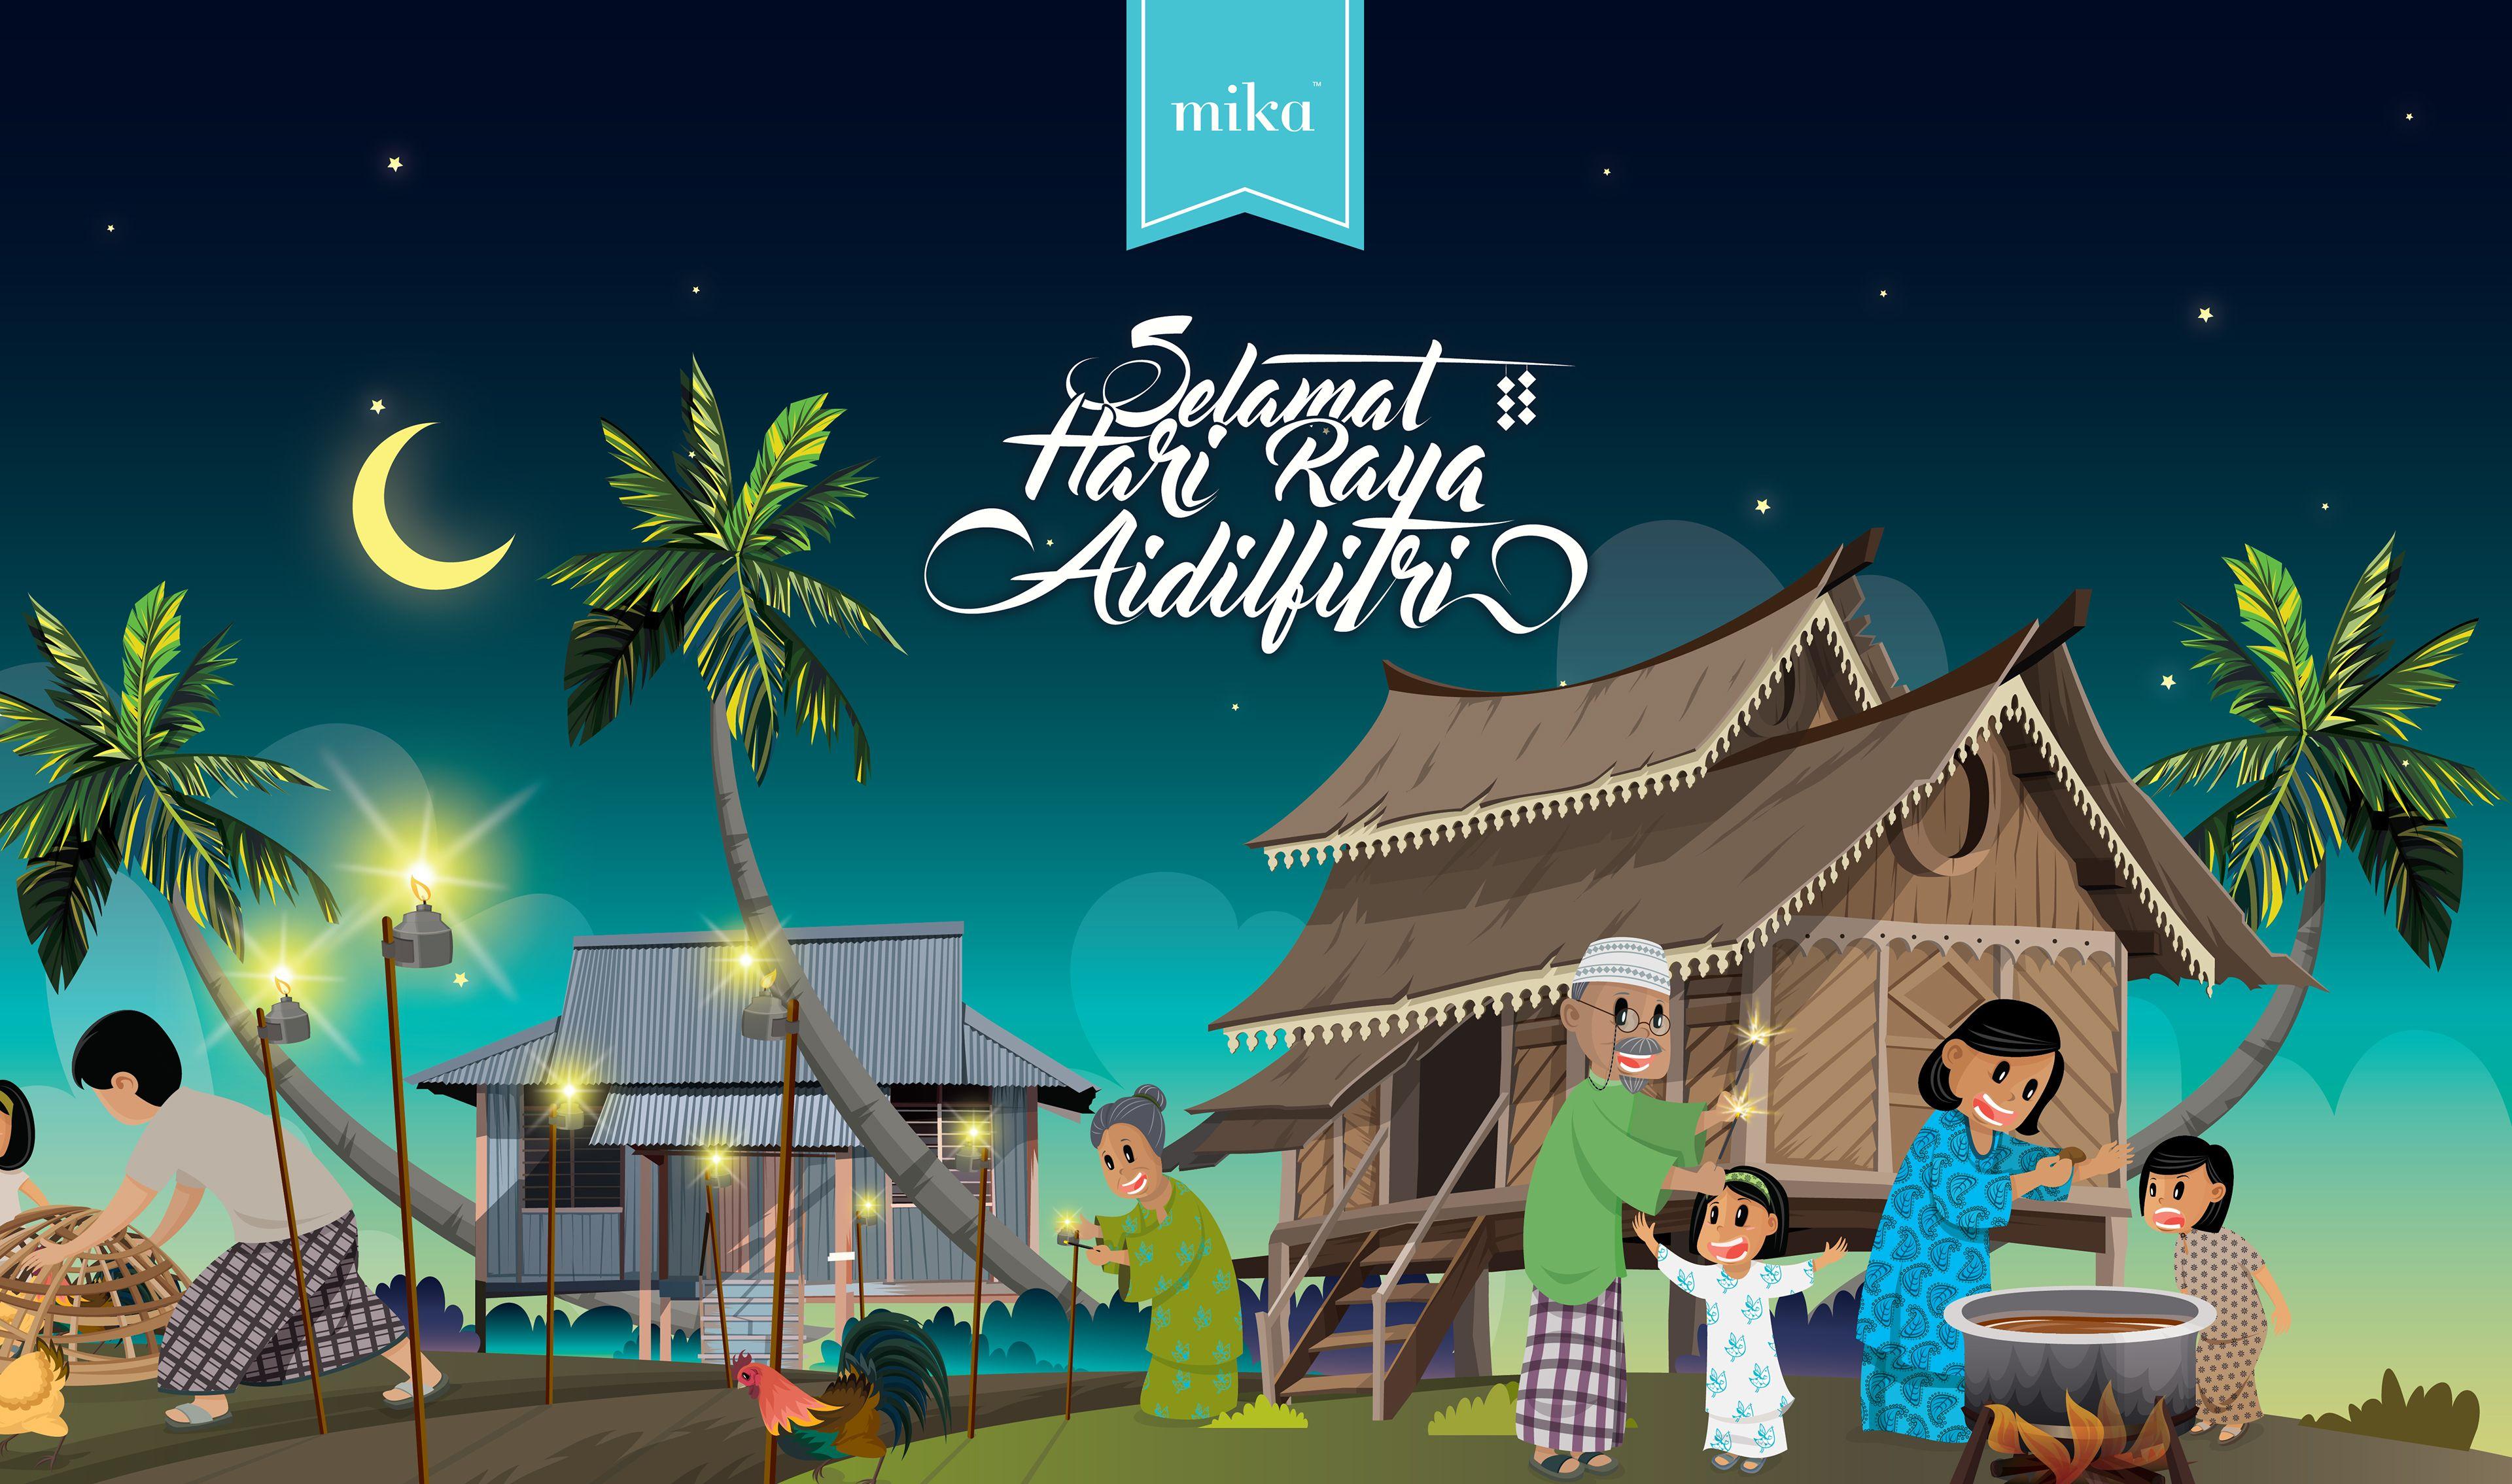 Season Hari Raya 2016Hampers & Packaging Design